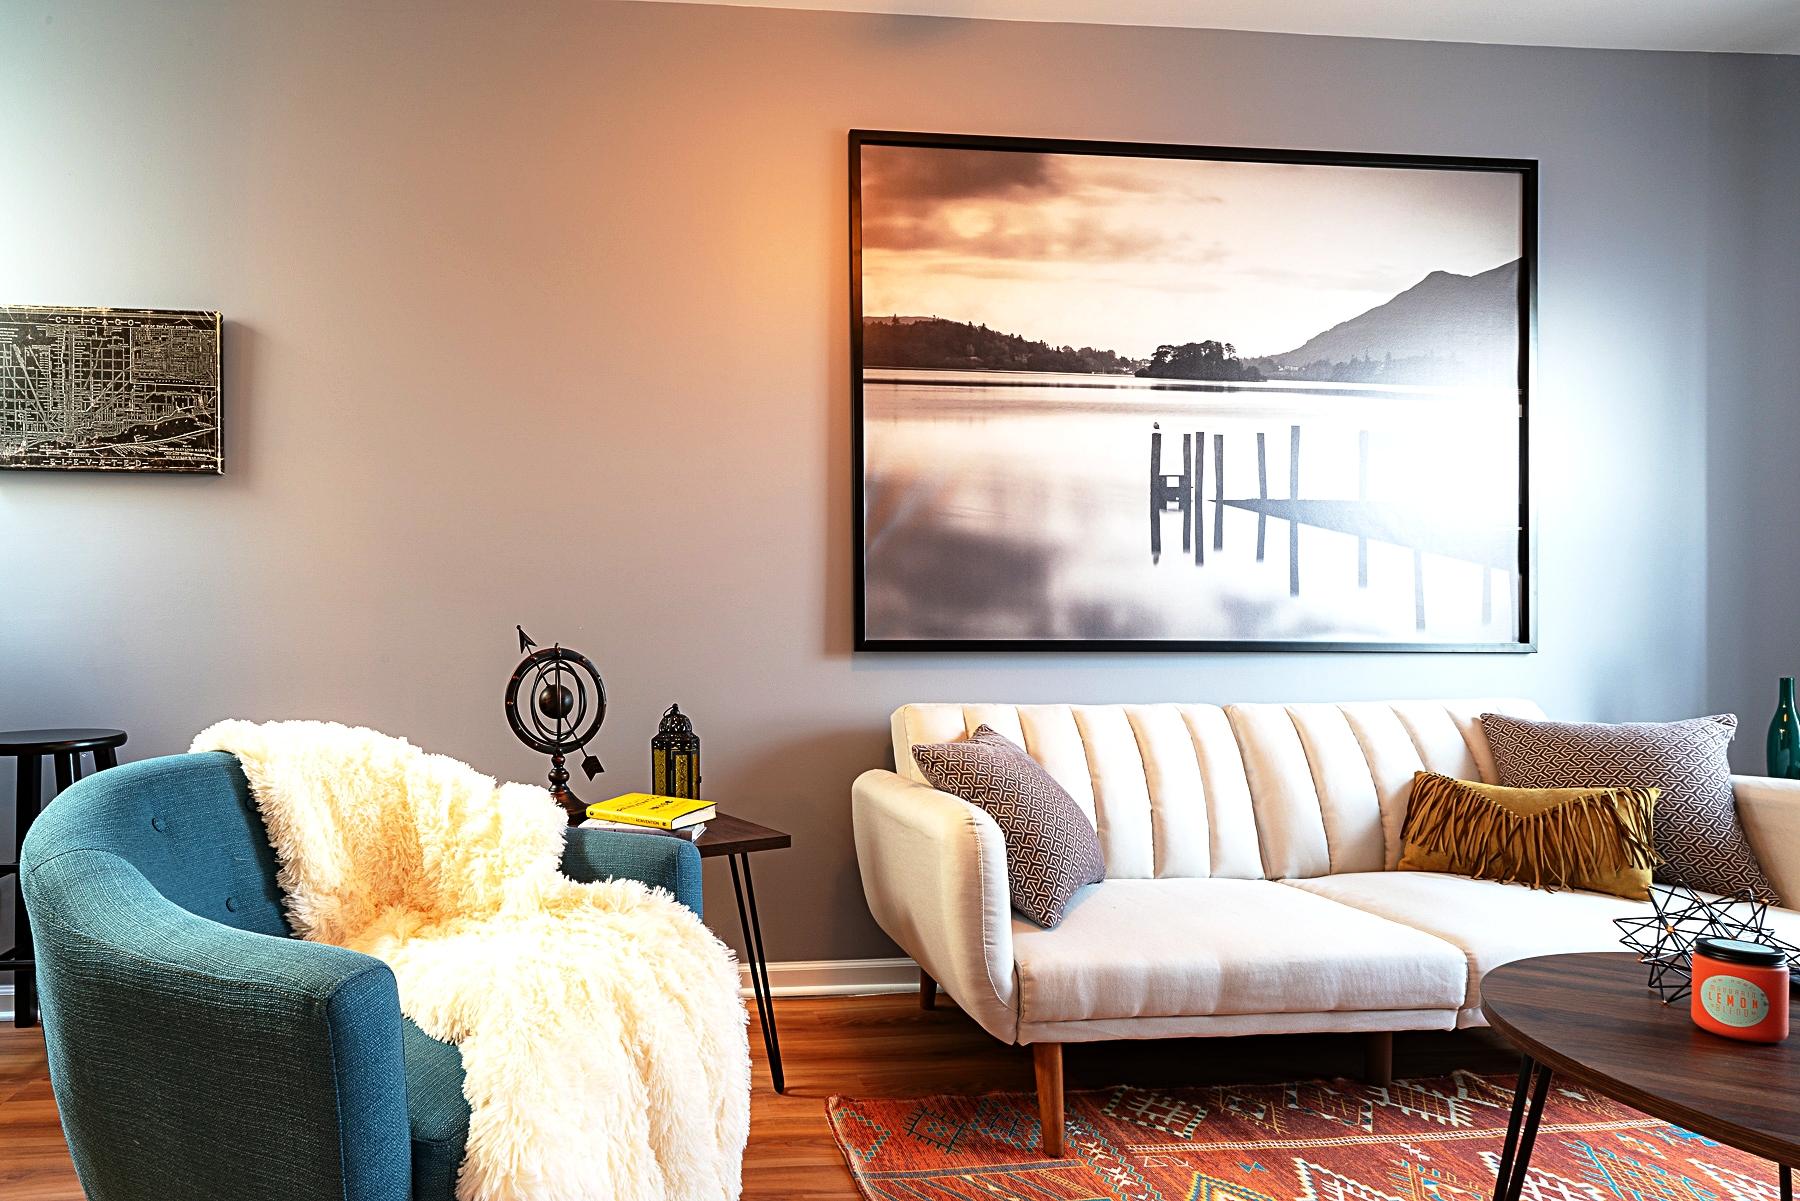 Lago Alto Suite (2 bedroom) - Pilsen neighborhood - Chicago, IL